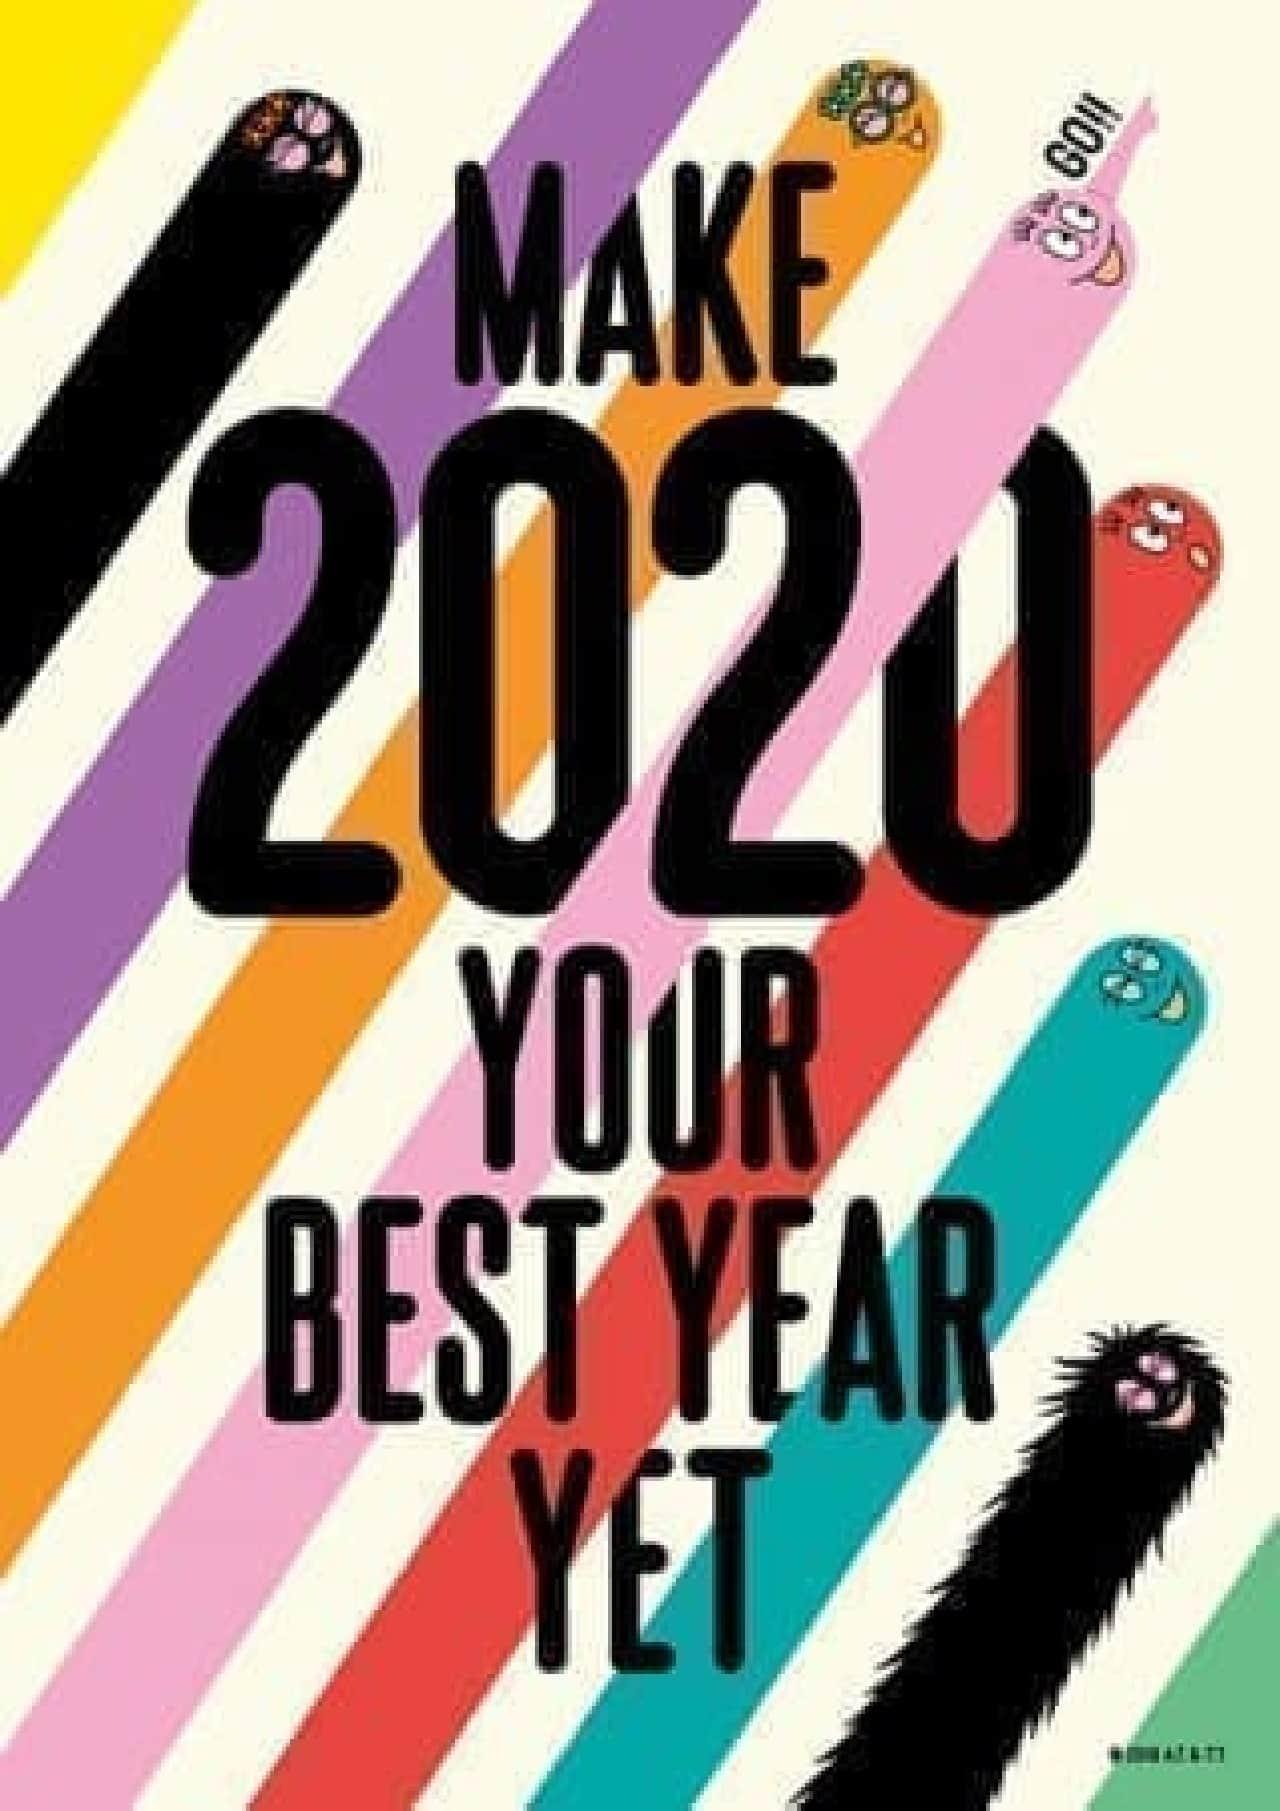 バーバパパのグッズで新年を盛り上げよう!PLAZAに記念プレートやパーティボックス登場